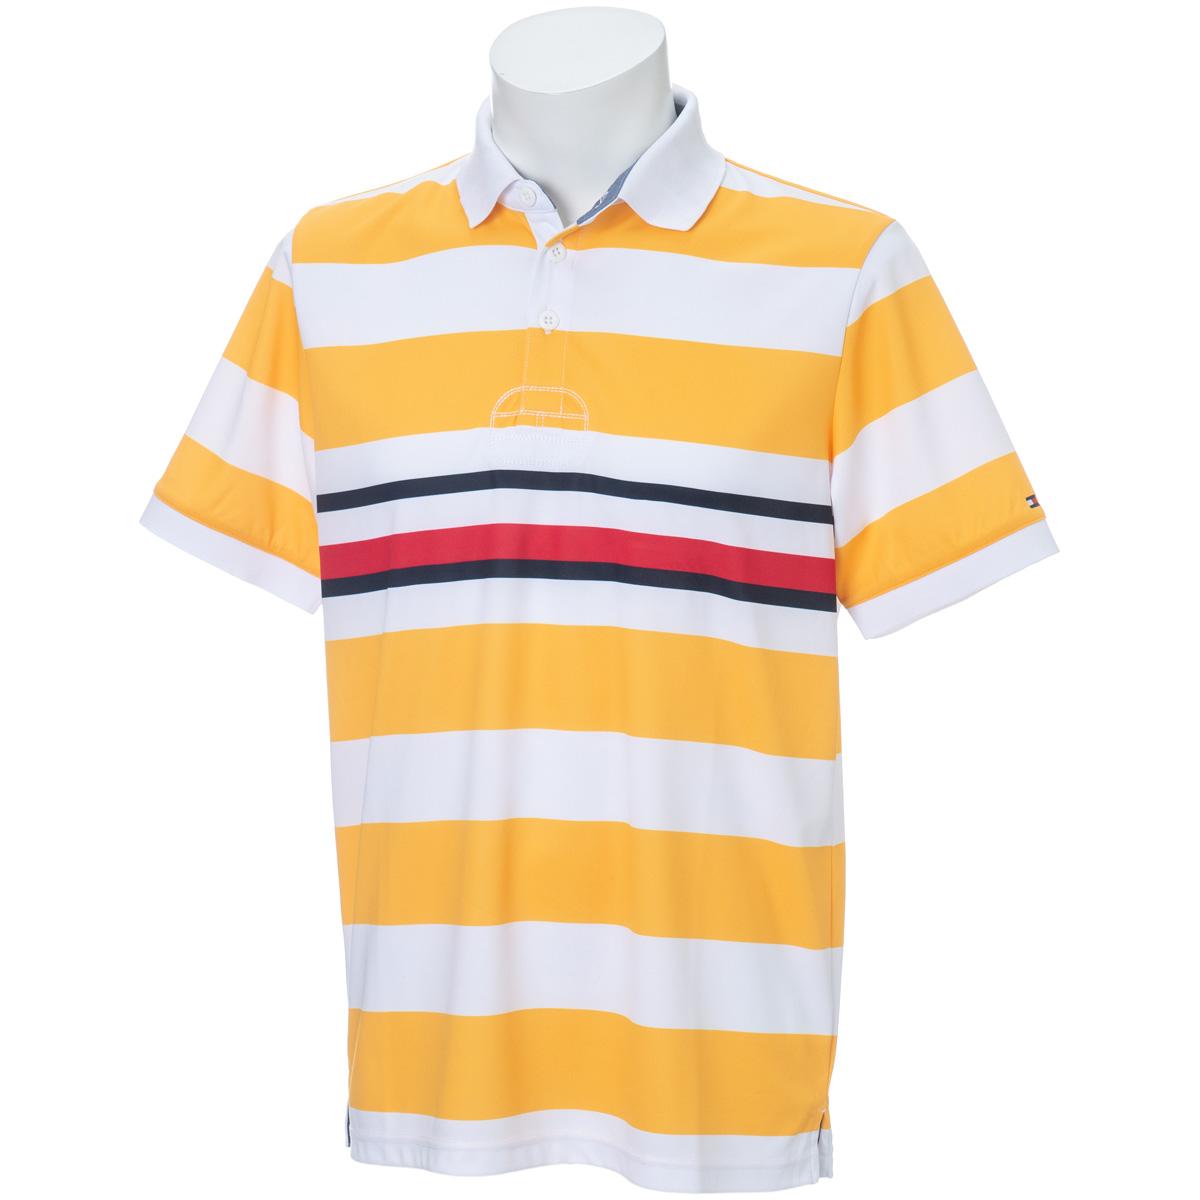 ボーダー 半袖ポロシャツ